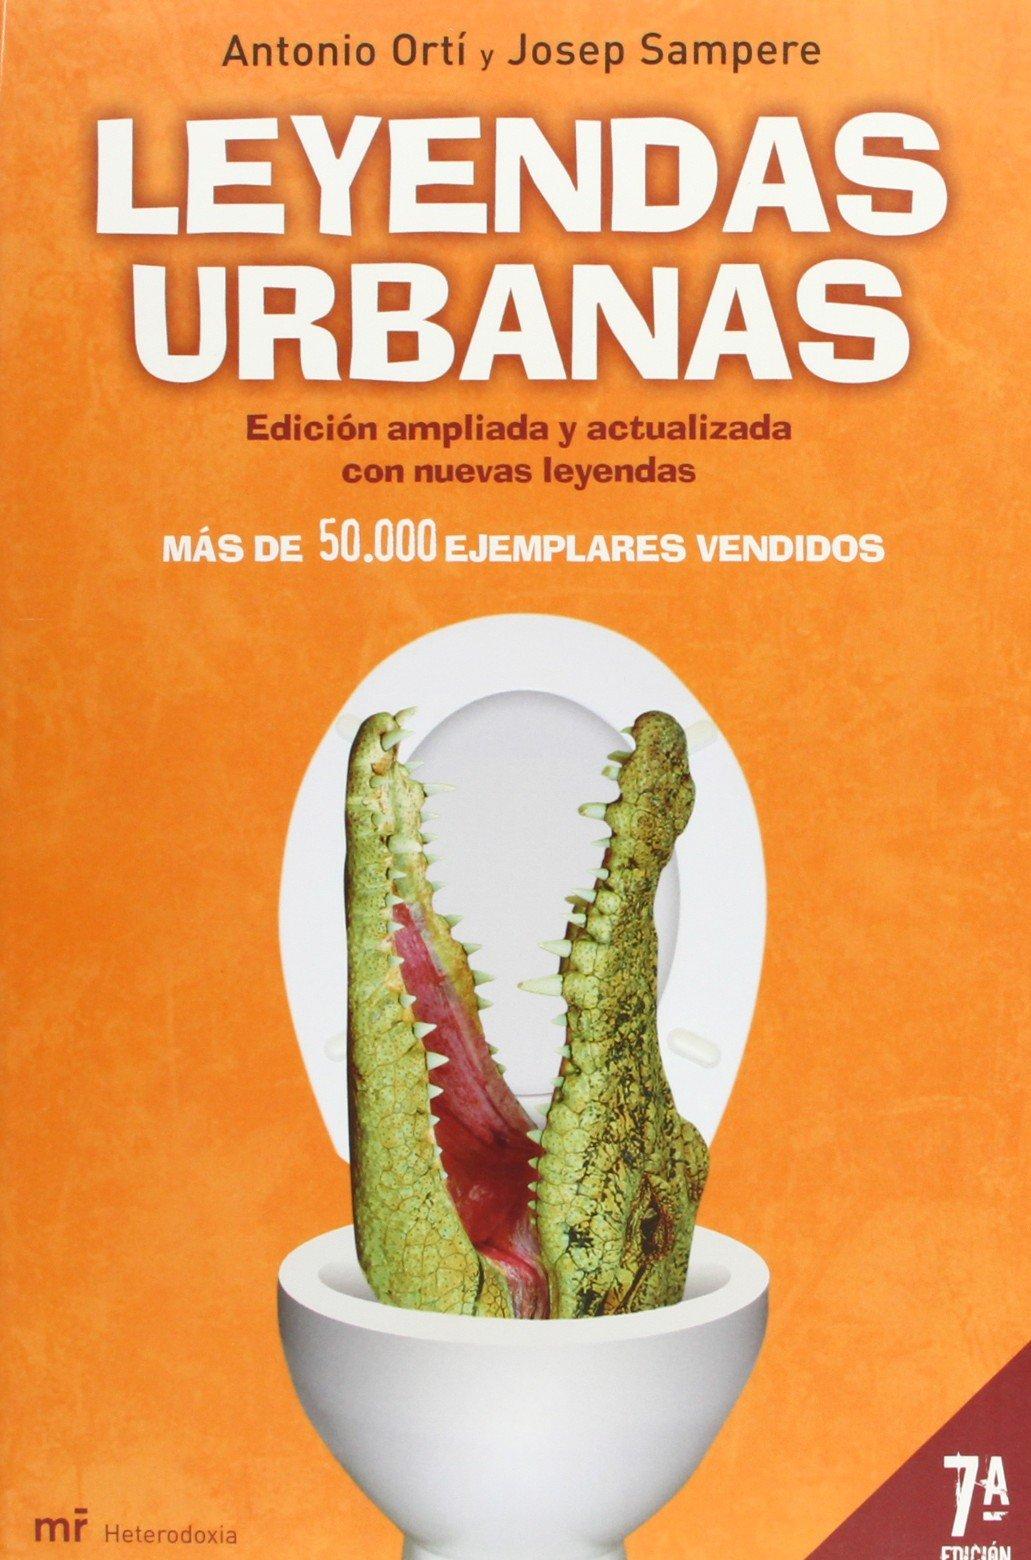 Leyendas urbanas (MR Heterodoxia): Amazon.es: Sampere Marti, Josep, Ortí, Antonio: Libros